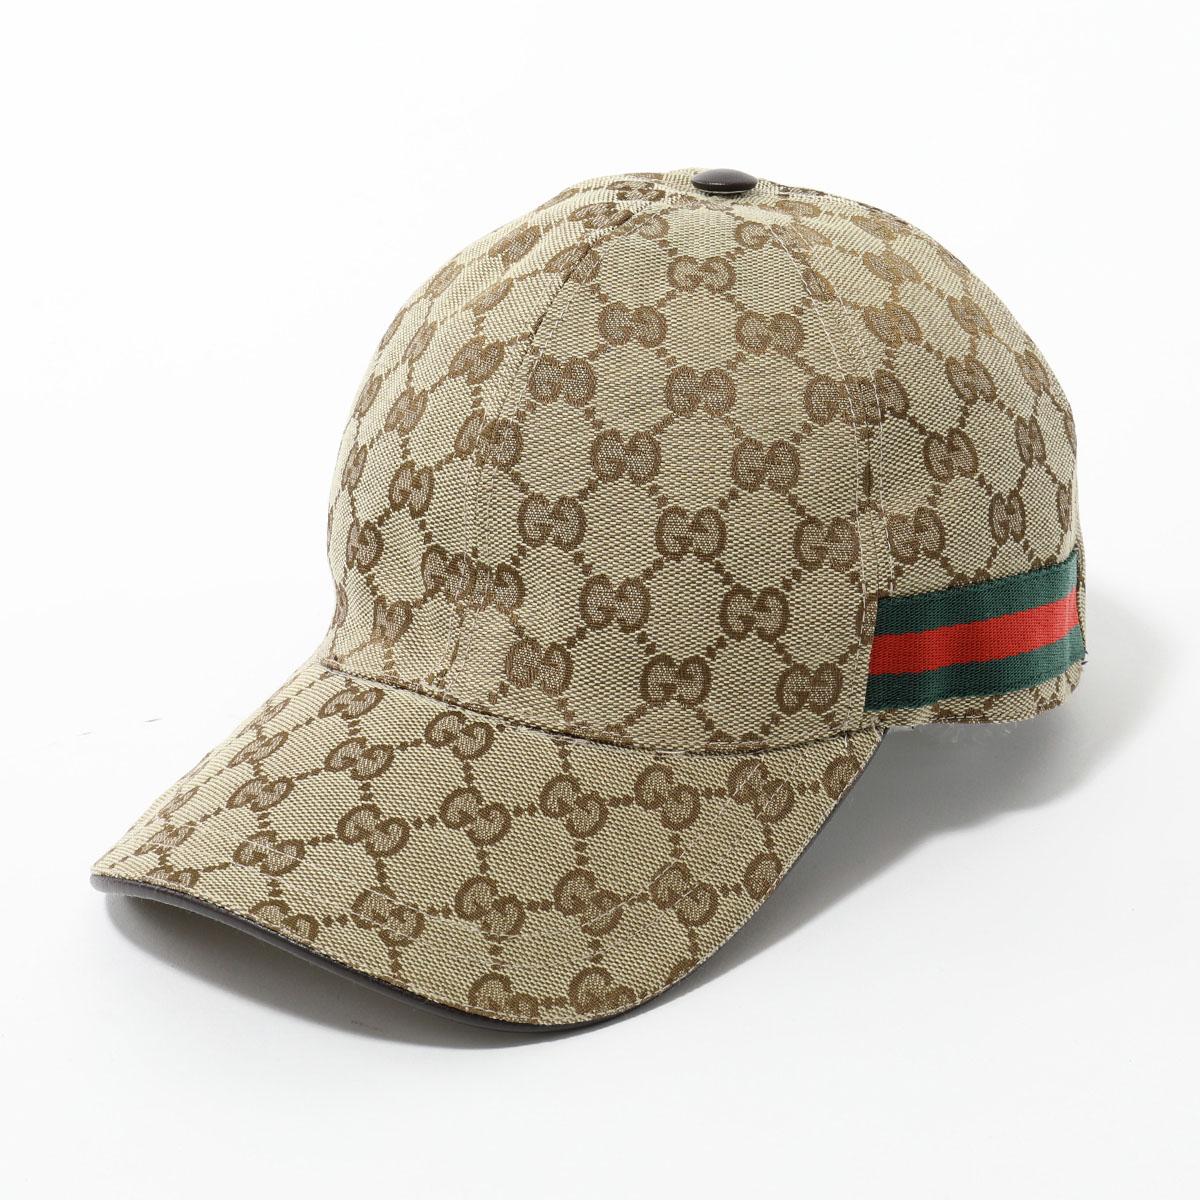 GUCCI グッチ 200035 KQWBG オリジナルGGキャンバス ベースボールキャップ 帽子 ウェブライン カラー9791/BEIGE ユニセックス メンズ